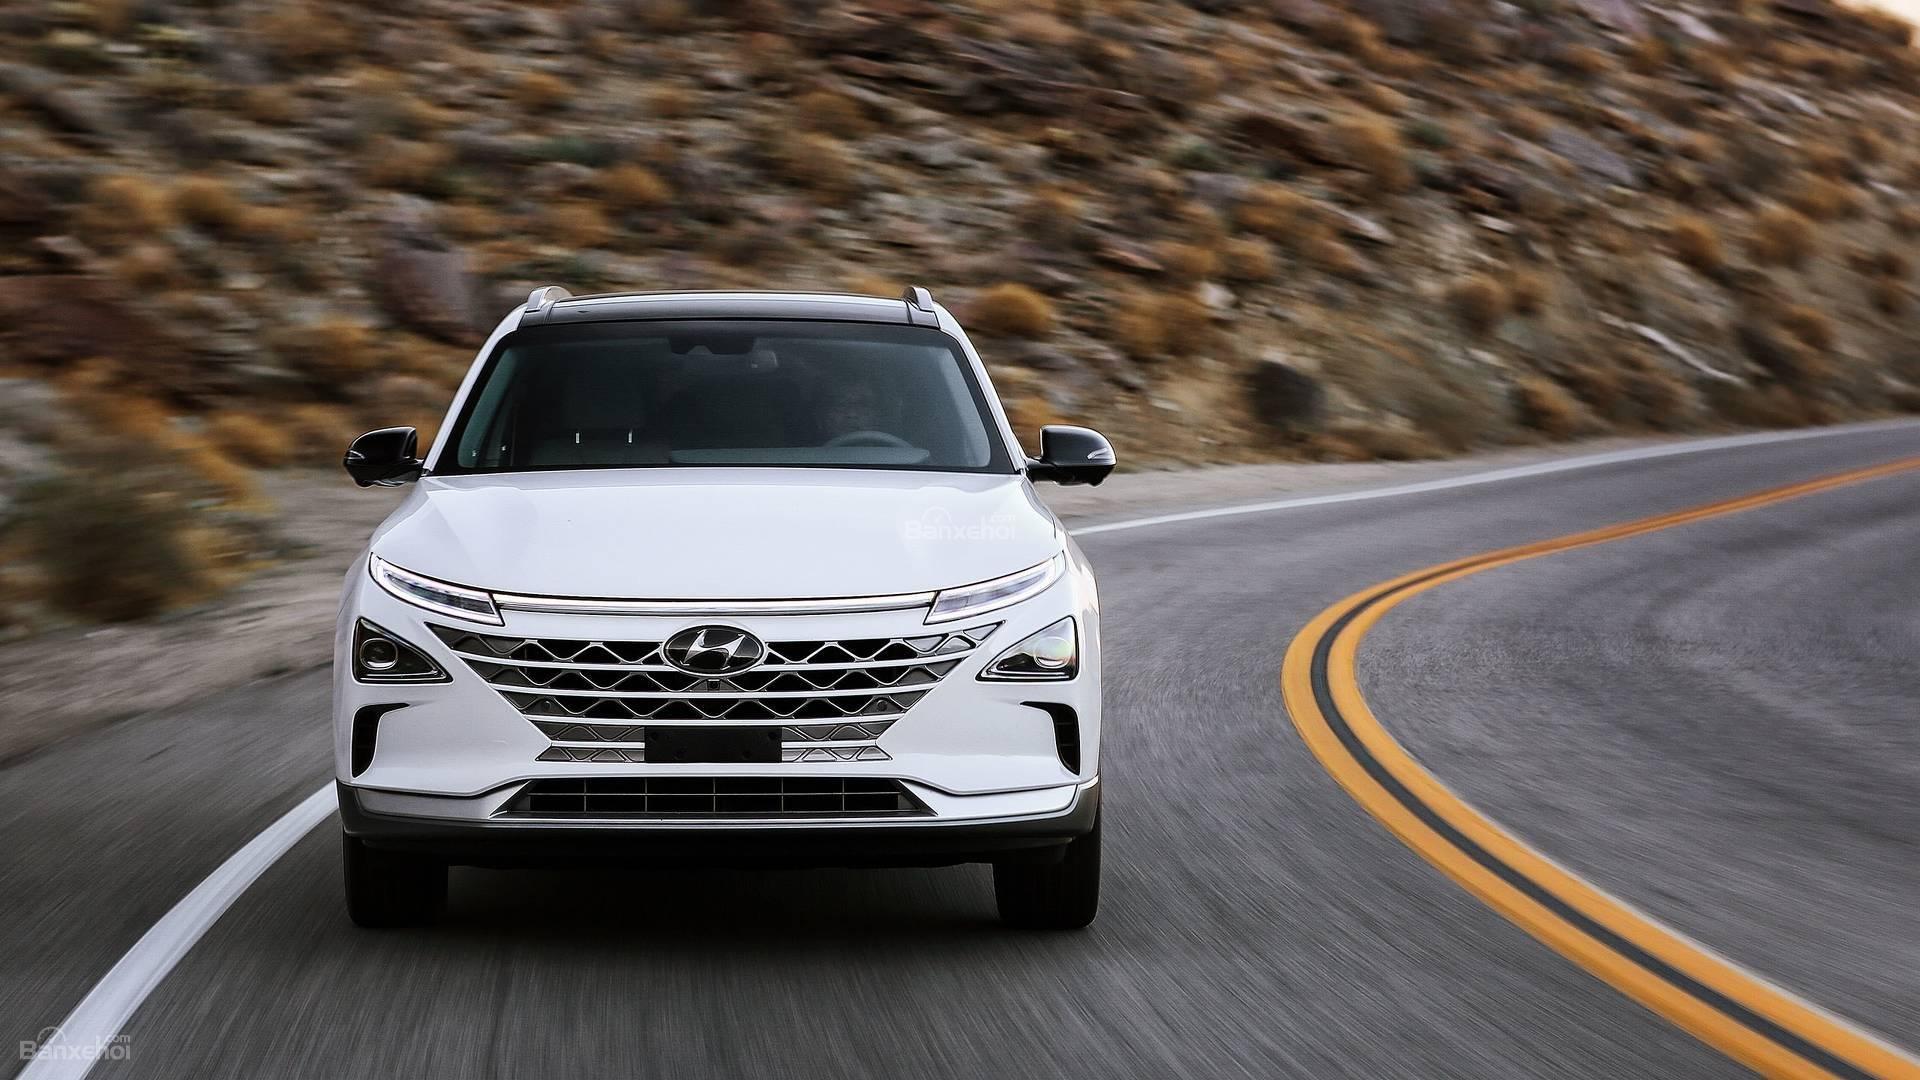 Đánh giá xe Hyundai Nexo 2019: Sở hữu công nghệ tự hành cấp độ 4 zz